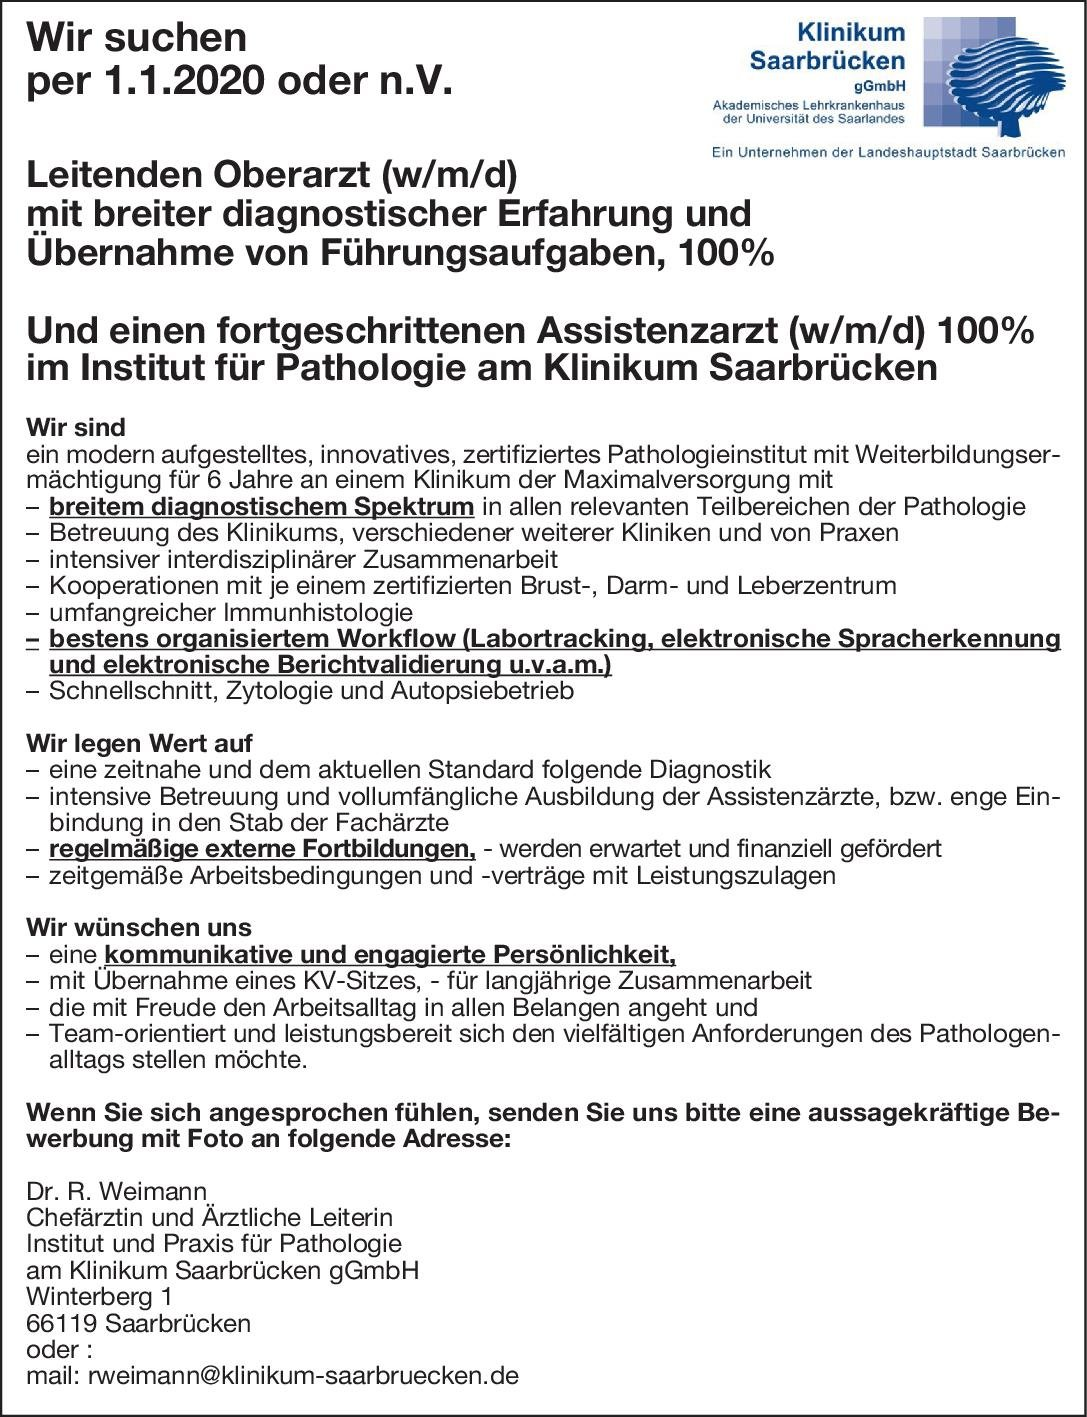 Institut für Pathologie am Klinikum Saarbrücken Leitender Oberarzt (w/m/d) mit breiter diagnostischer Erfahrung und Übernahme von Führungsaufgaben, 100%  Pathologie Oberarzt